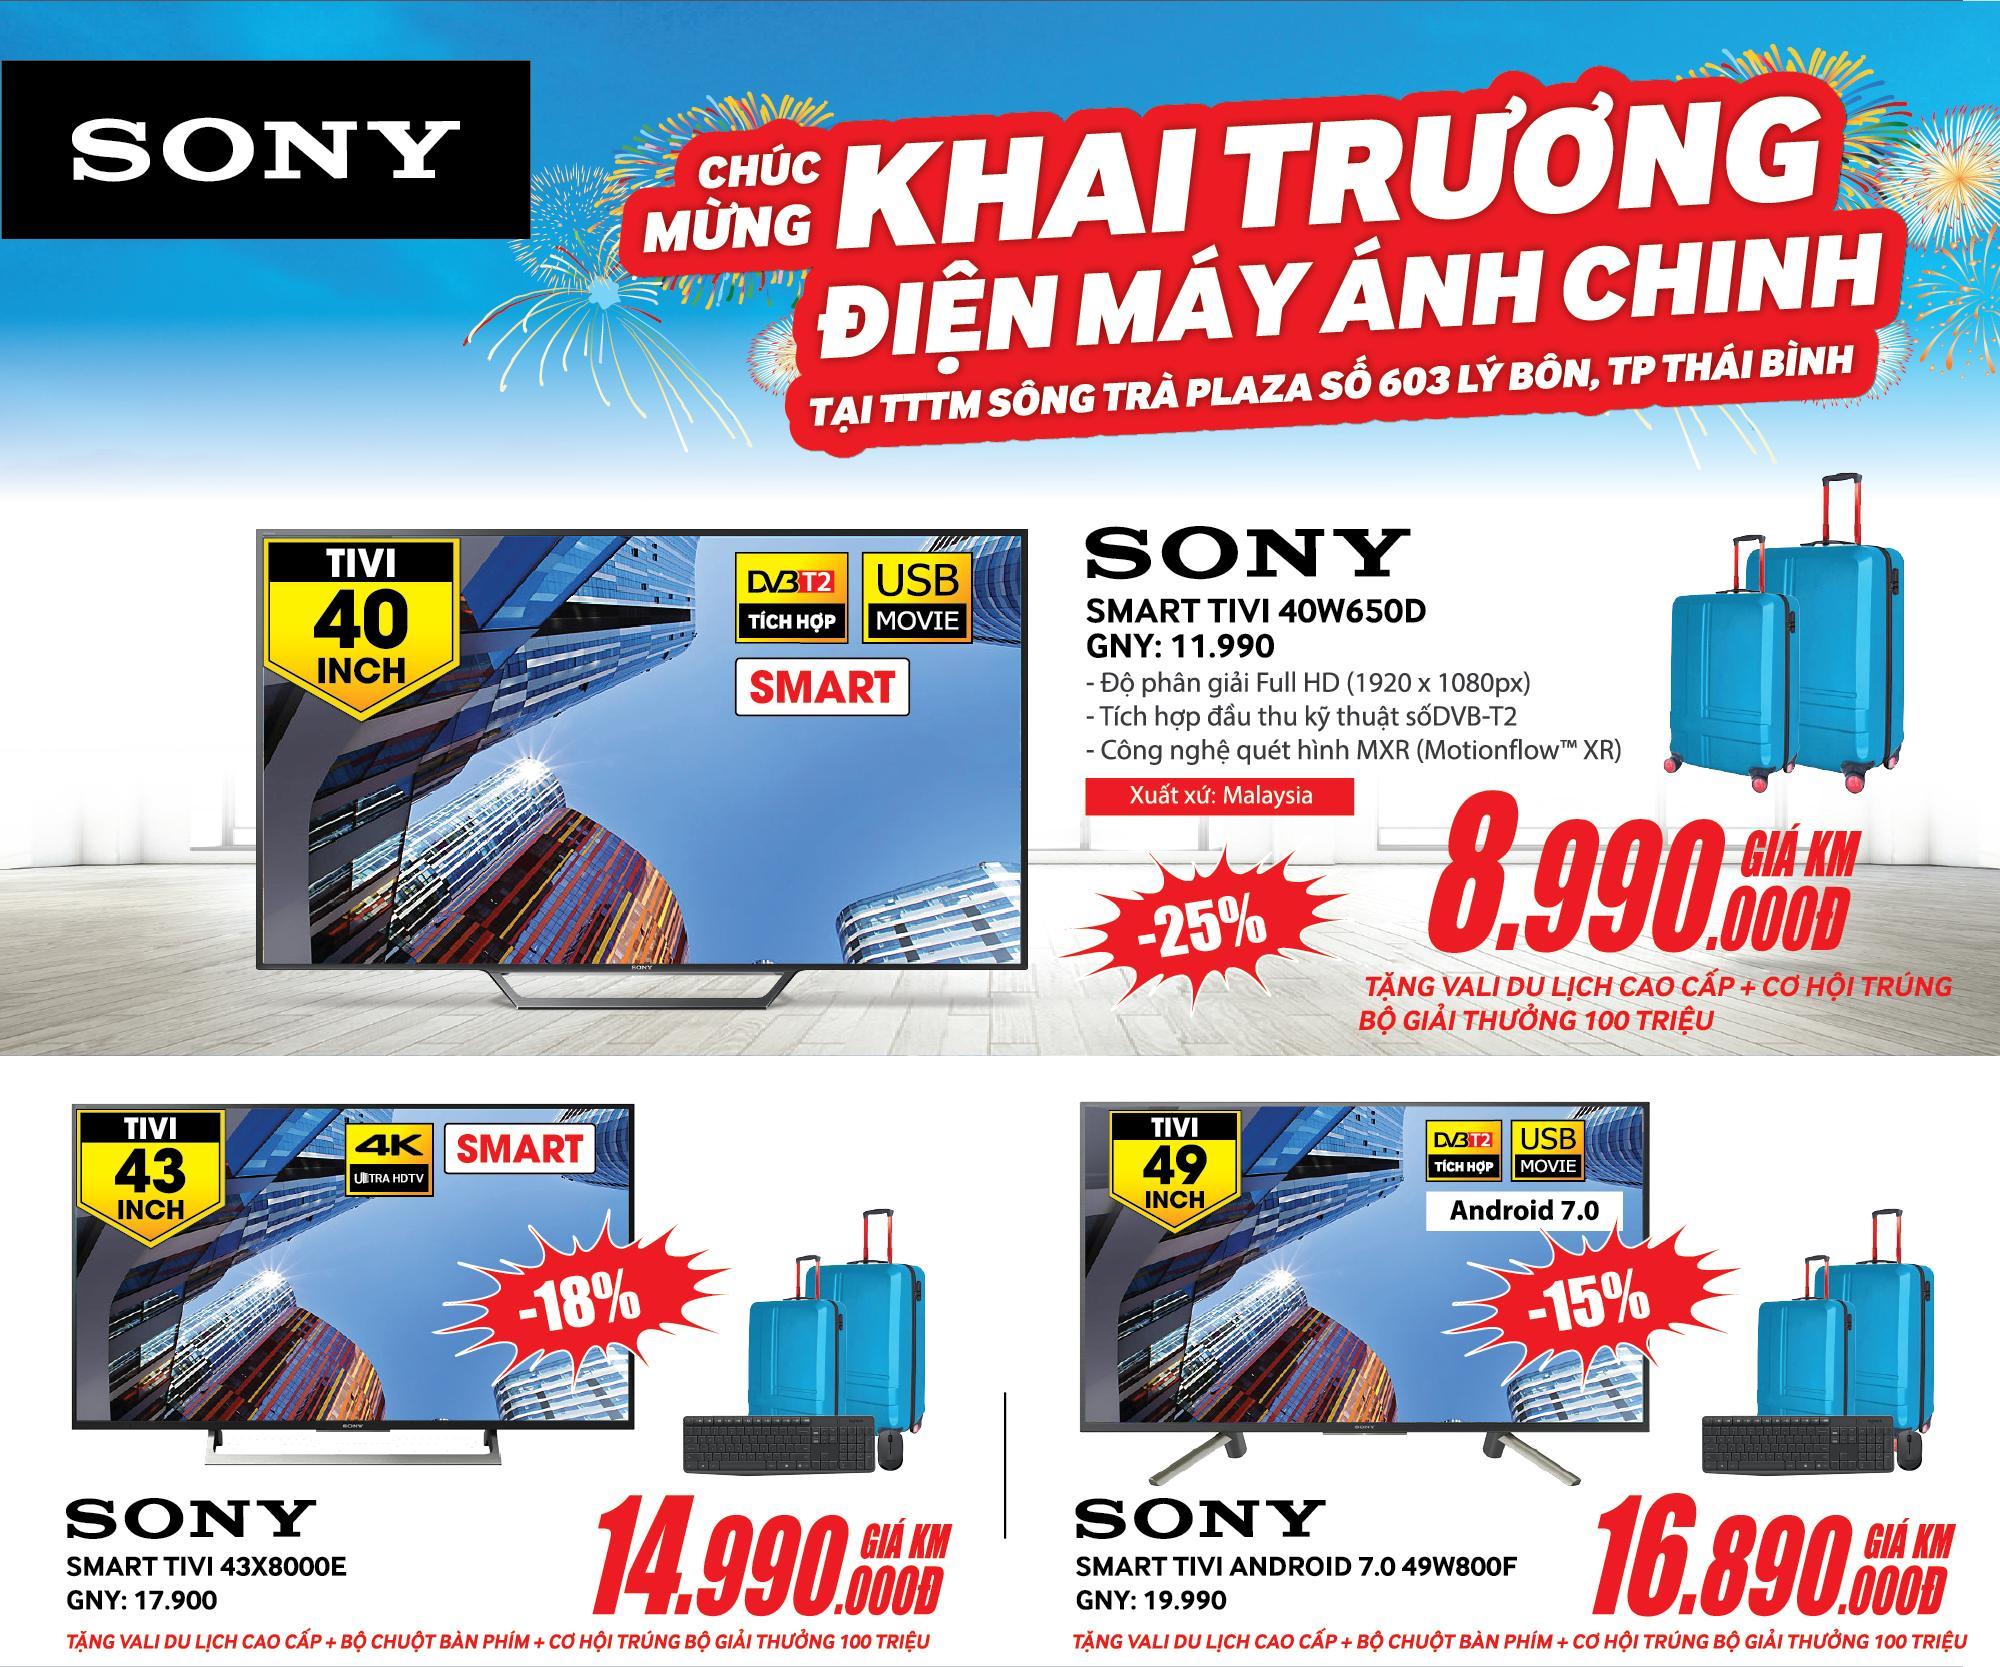 SONY - Chúc mừng khai trương điện máy ÁNH CHINH